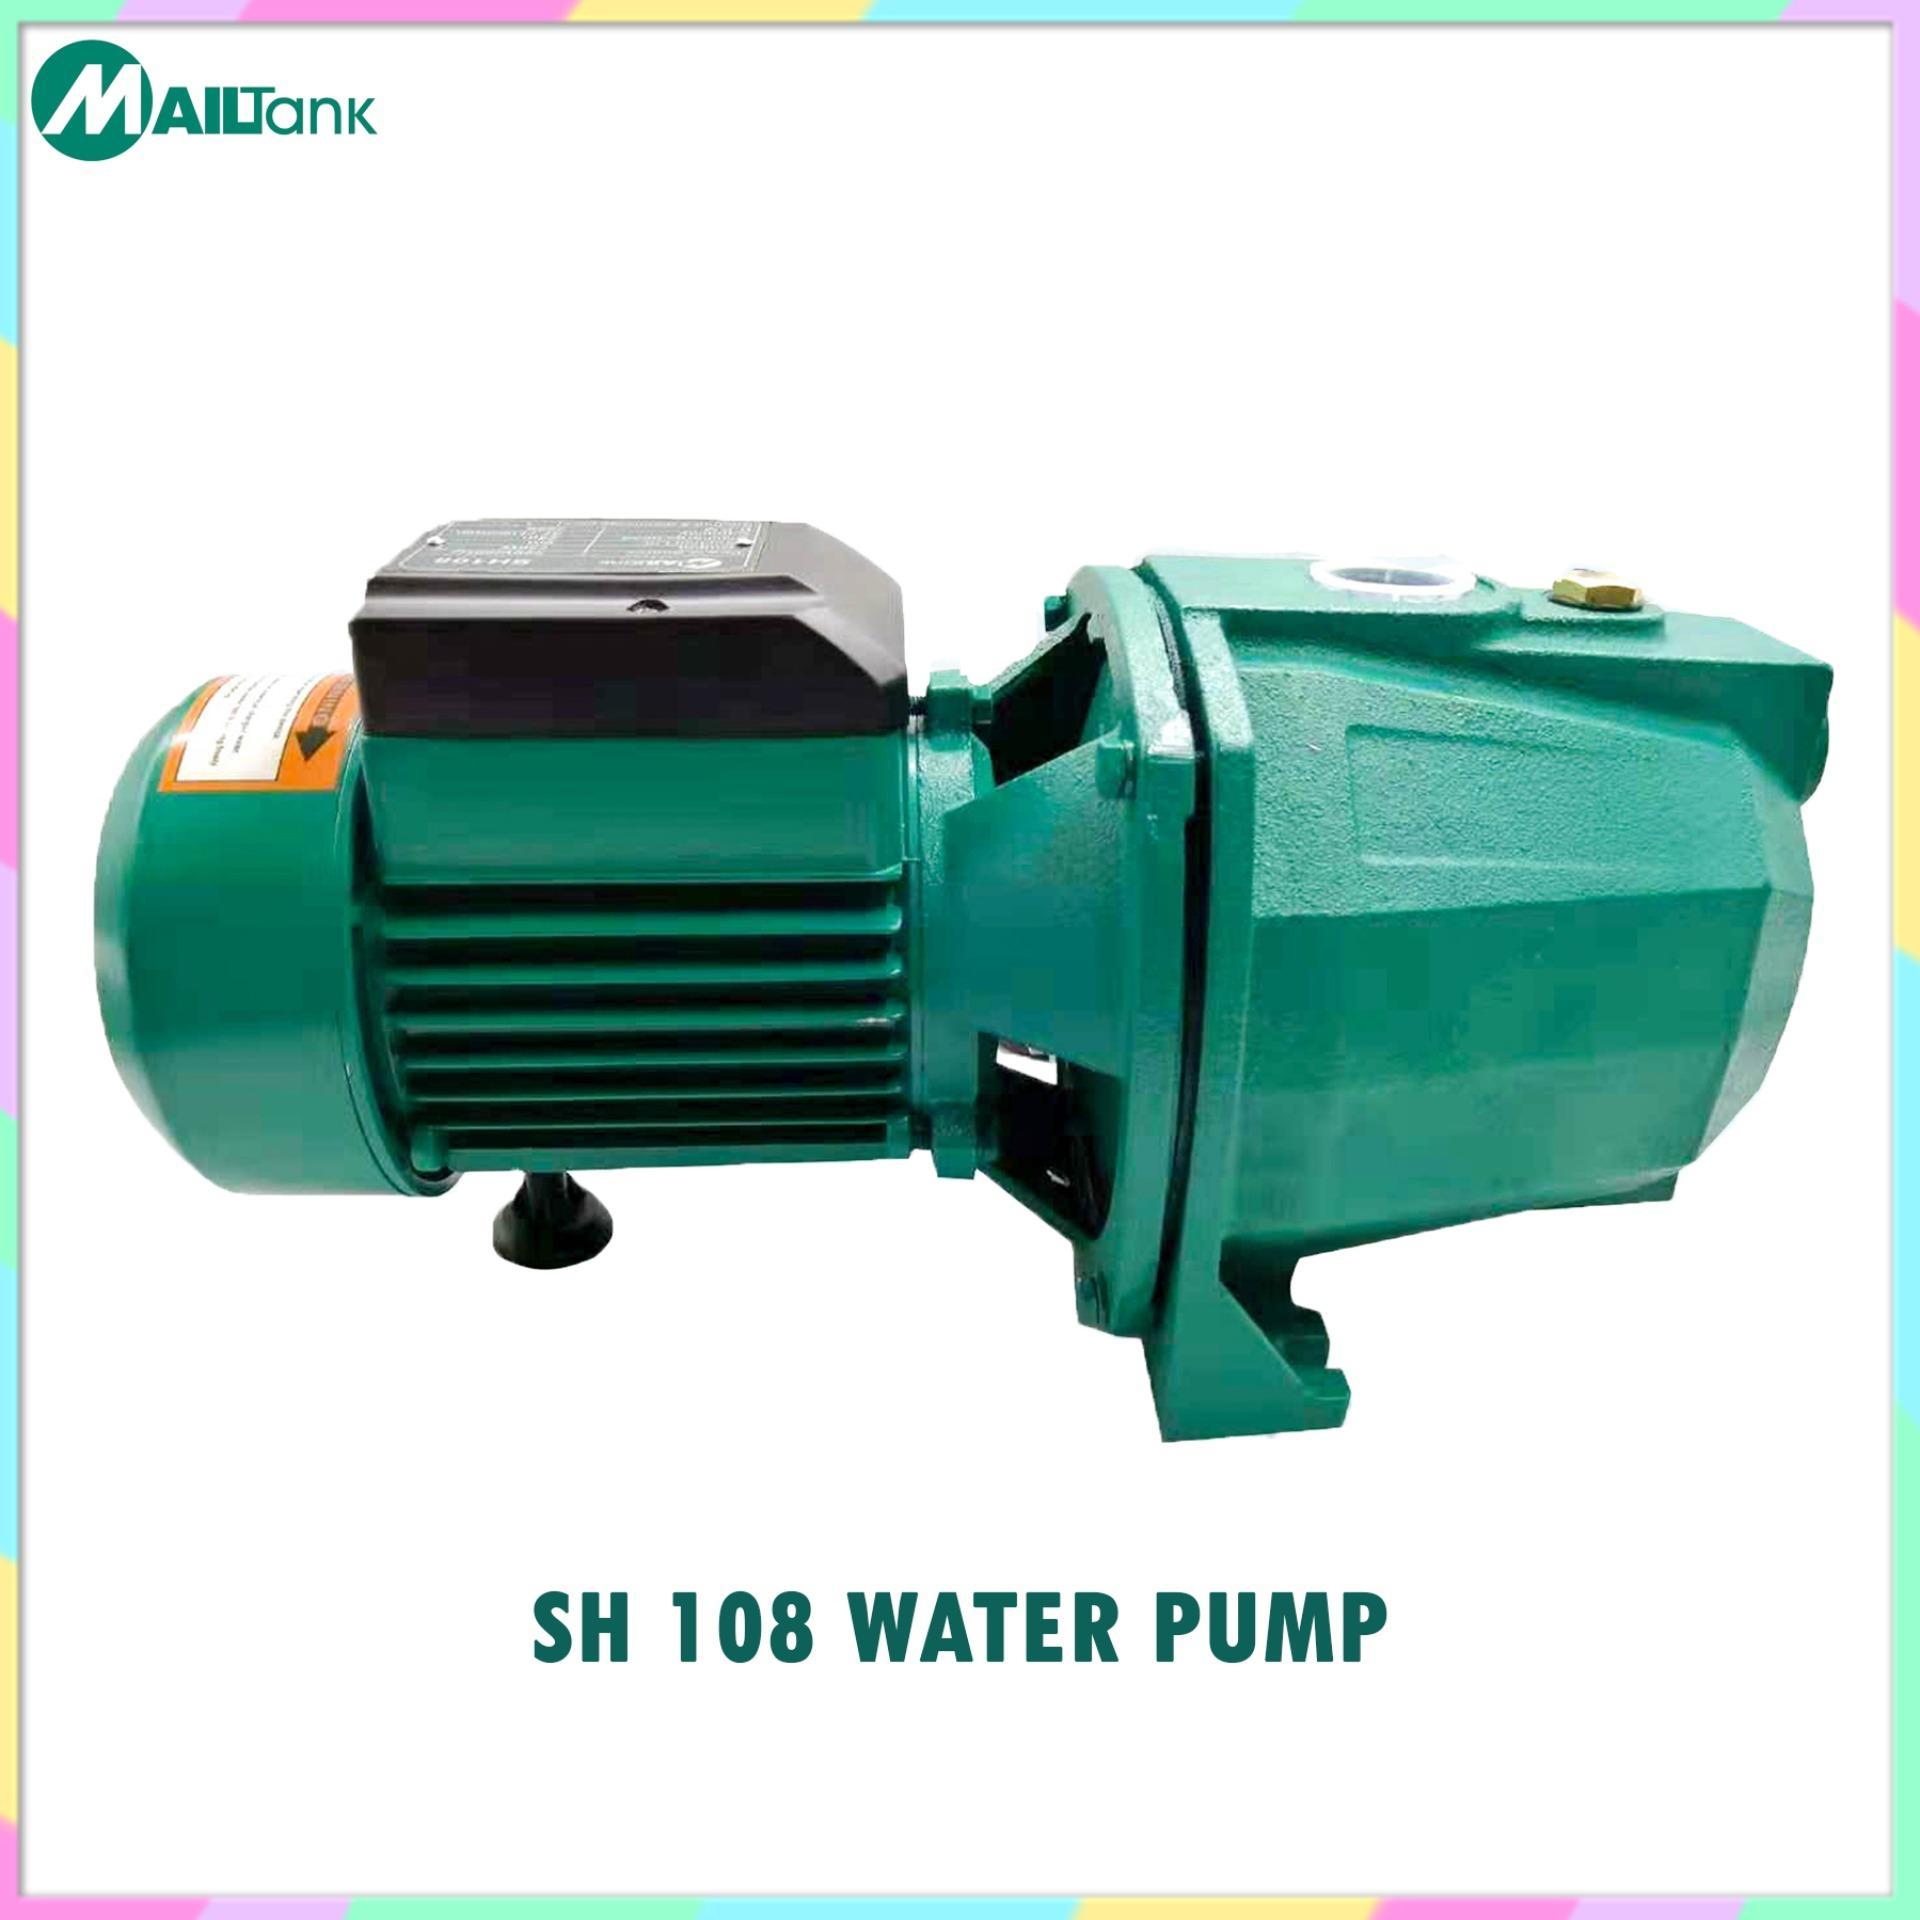 Mailtank SH 108 Water Pump